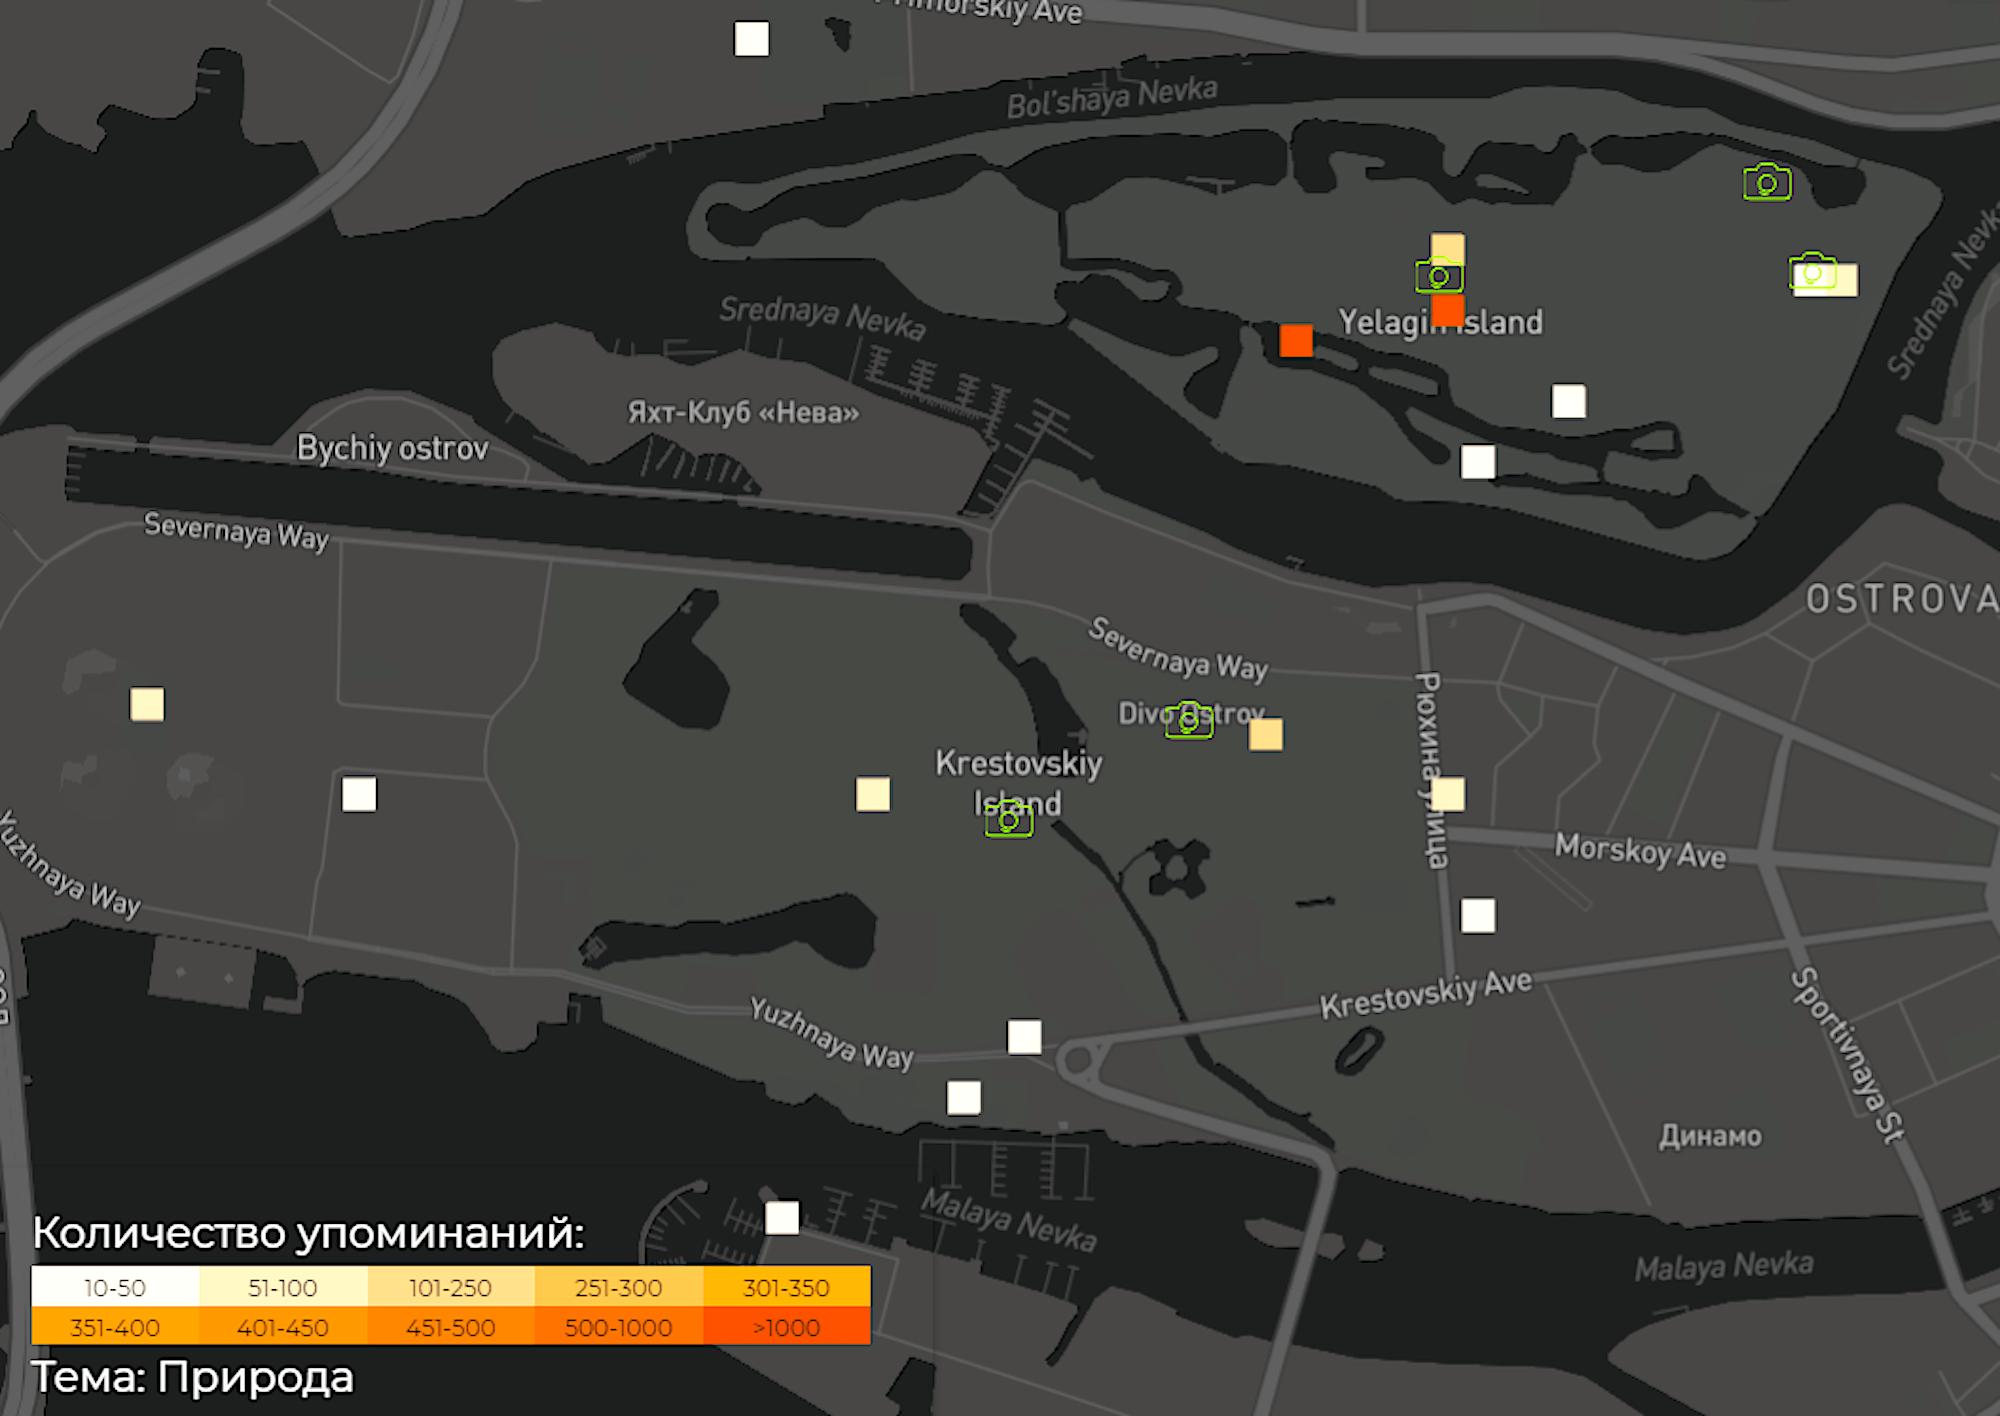 Визуализация «народных» объектов Санкт-Петербурга на основе анализа публикаций в соцсетях — коротко об исследовании - 5